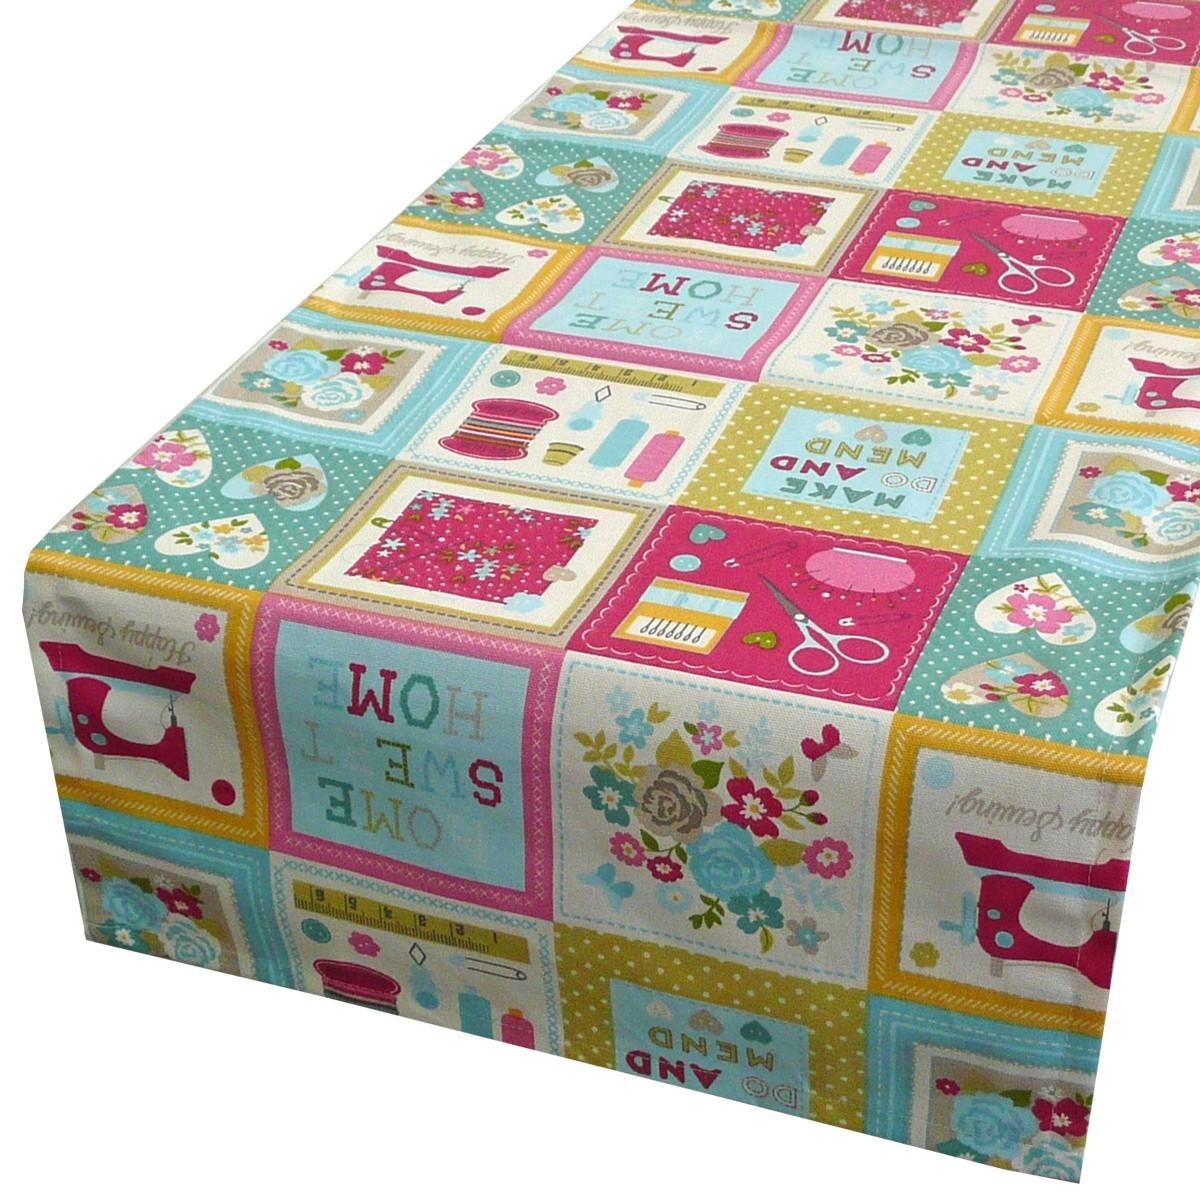 sch ner leben tischl ufer patchwork n hutensilien craftwork 40x160cm wohntextilien tischw sche. Black Bedroom Furniture Sets. Home Design Ideas